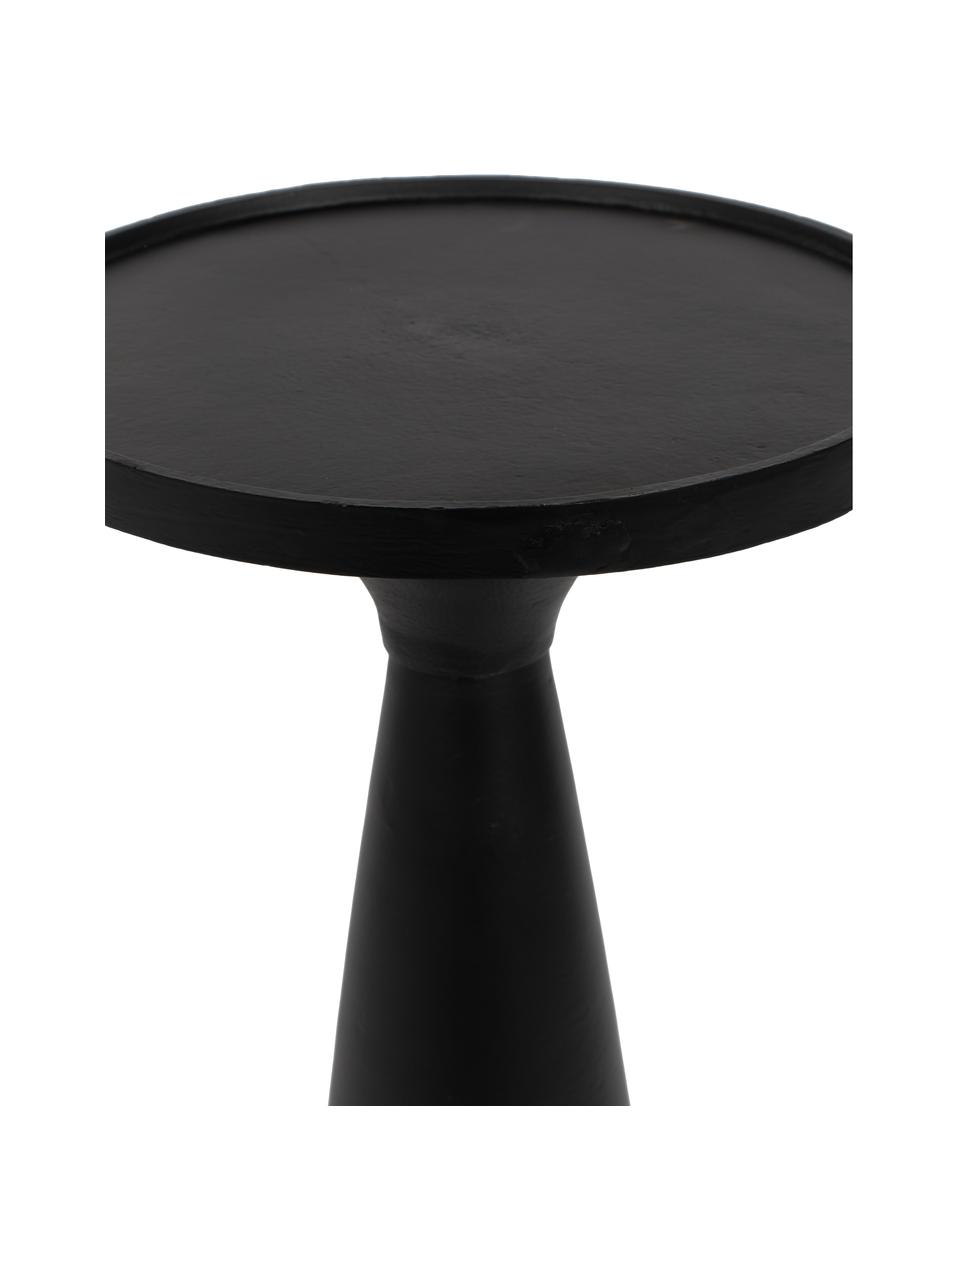 Table d'appoint moderne noire Floss, Noir, mat